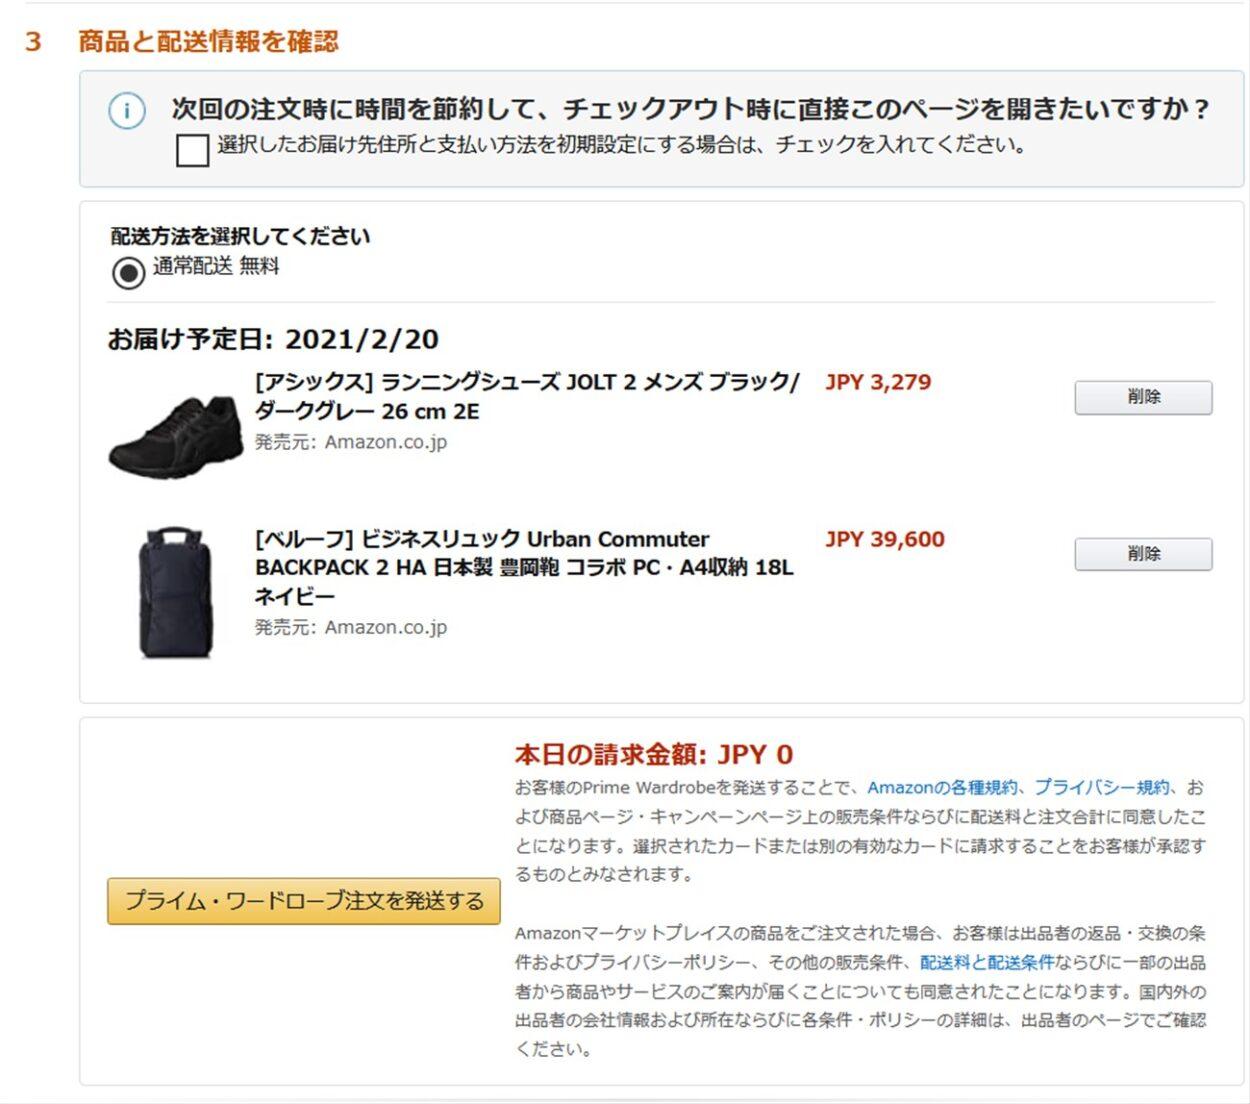 プライムワードロープの注文時は請求金額が0円と表示されます